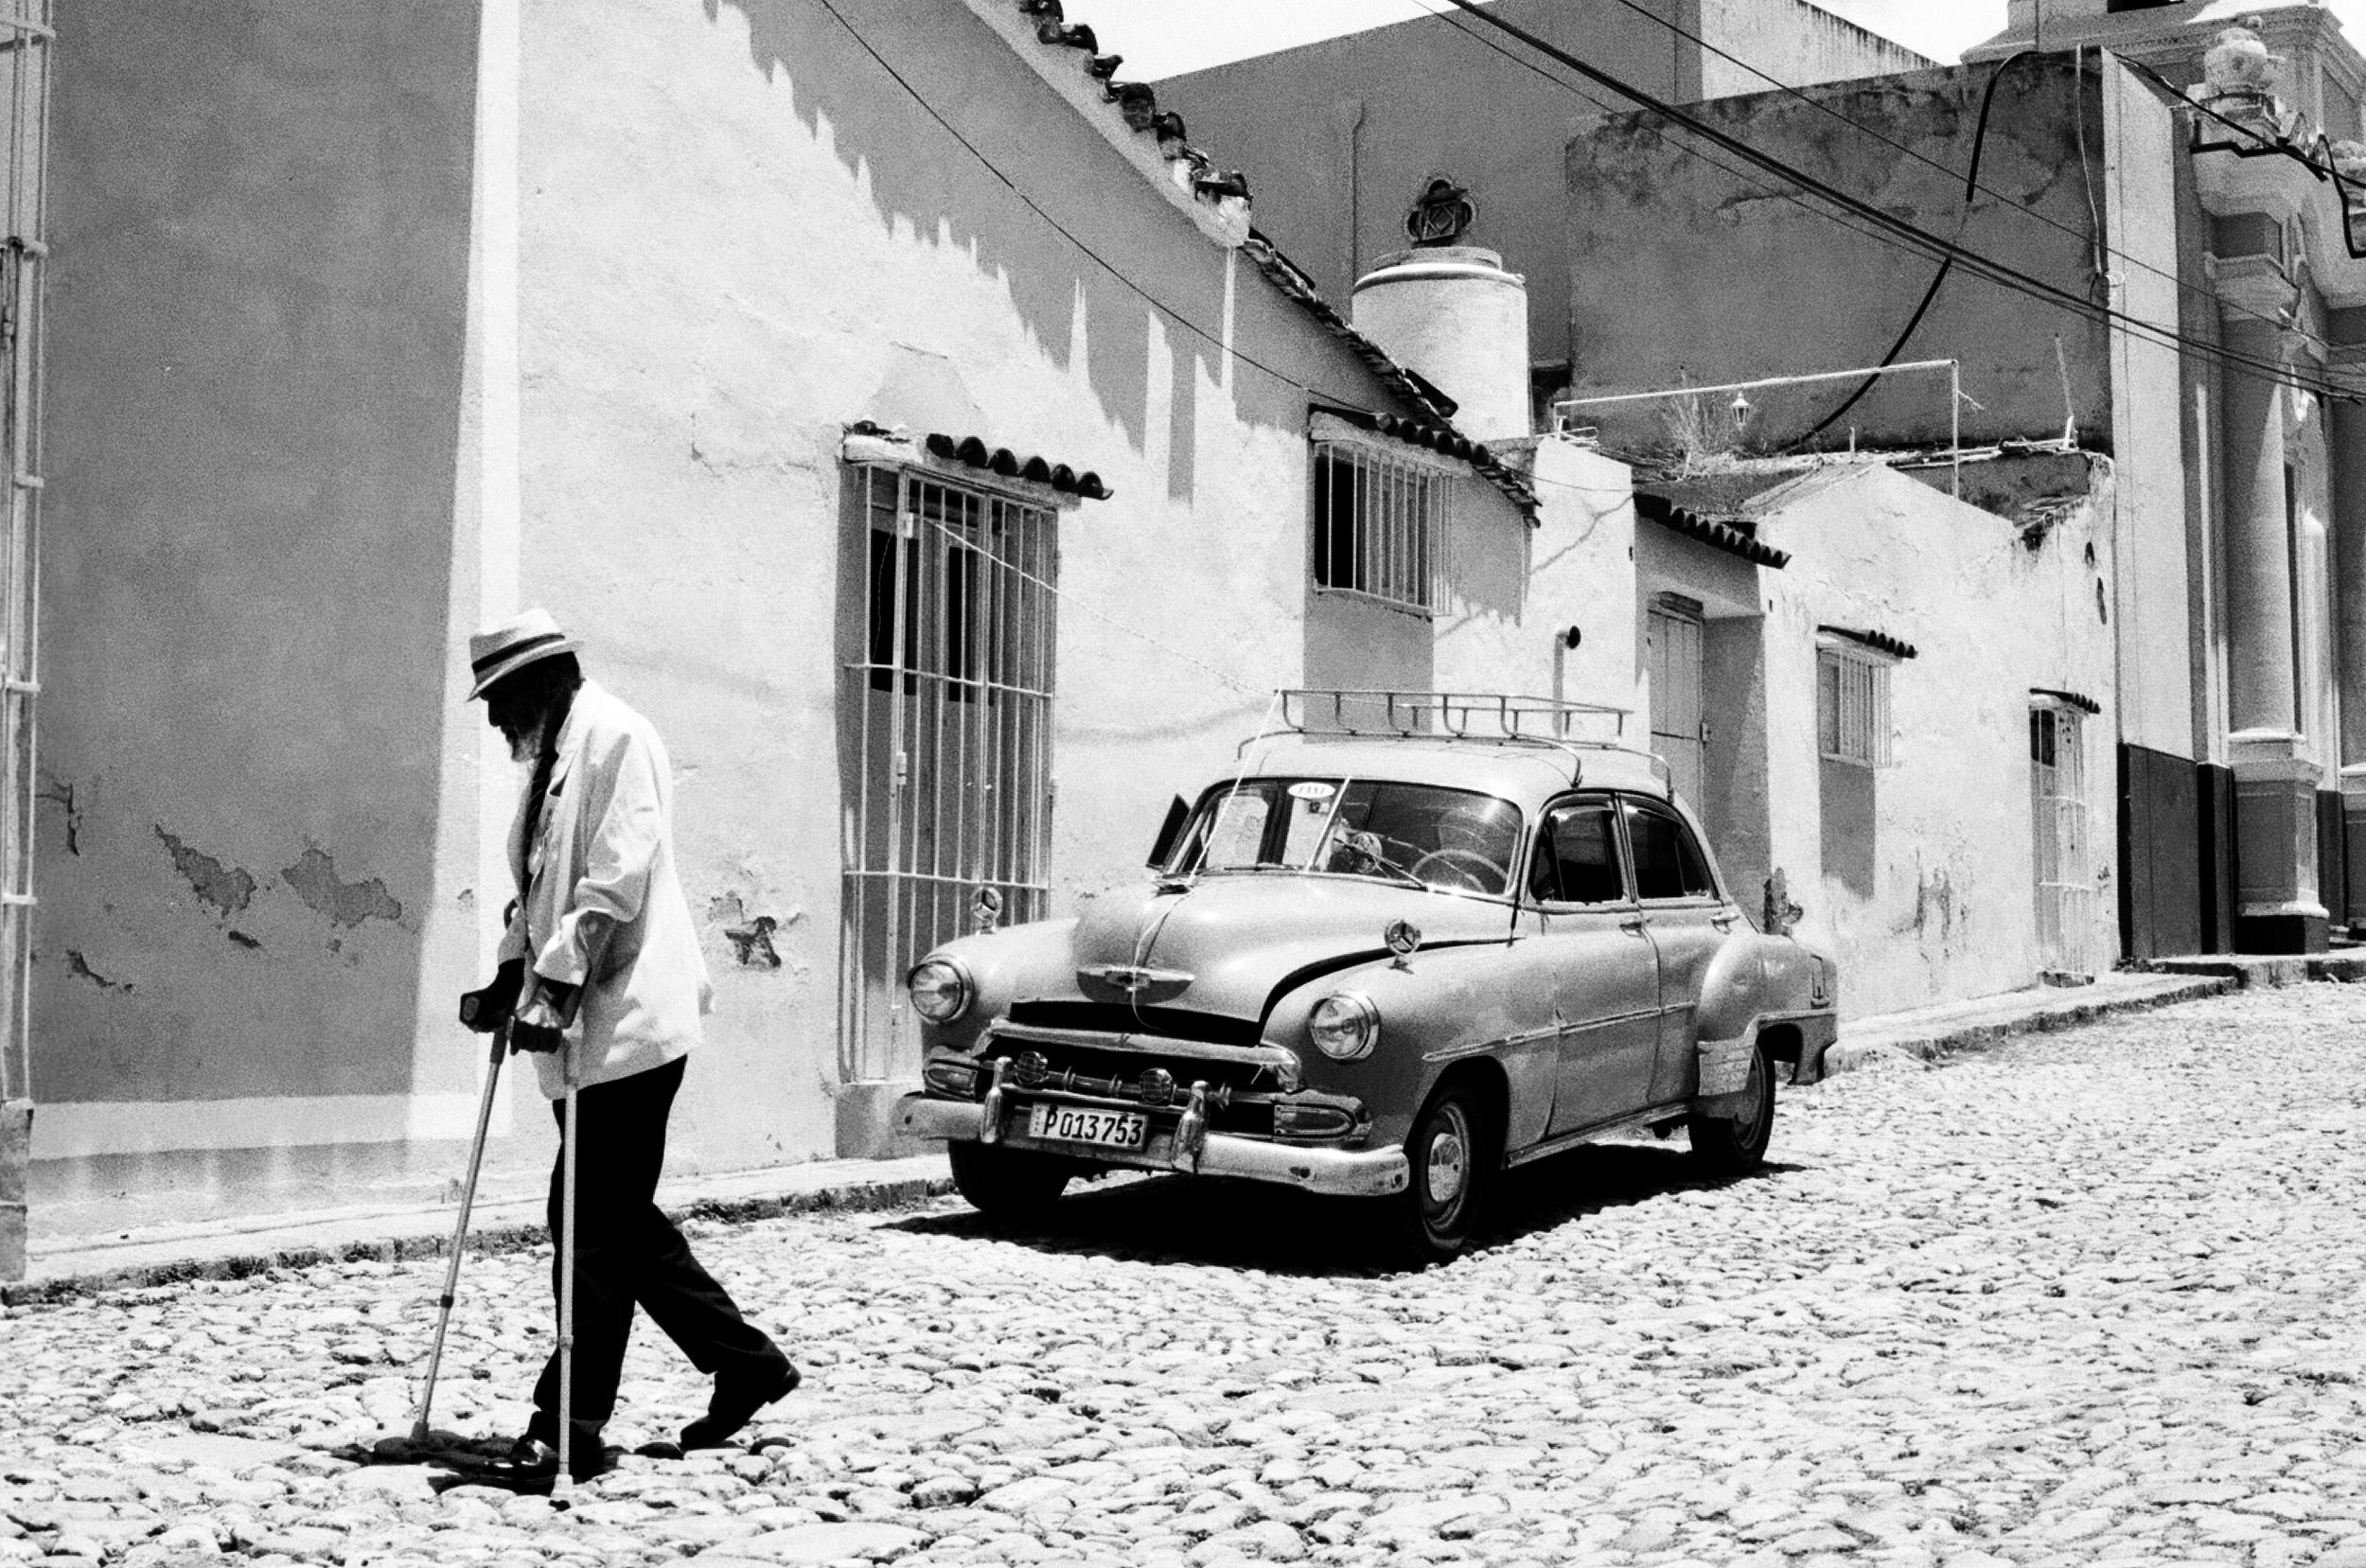 Trinidad, petite ville au centre du pays, attire de nombreux touristes avec ses rues pavés et ses galeries d'art. Ici, un vieux cubain digne d'un membre de Buena Vista Social Club.